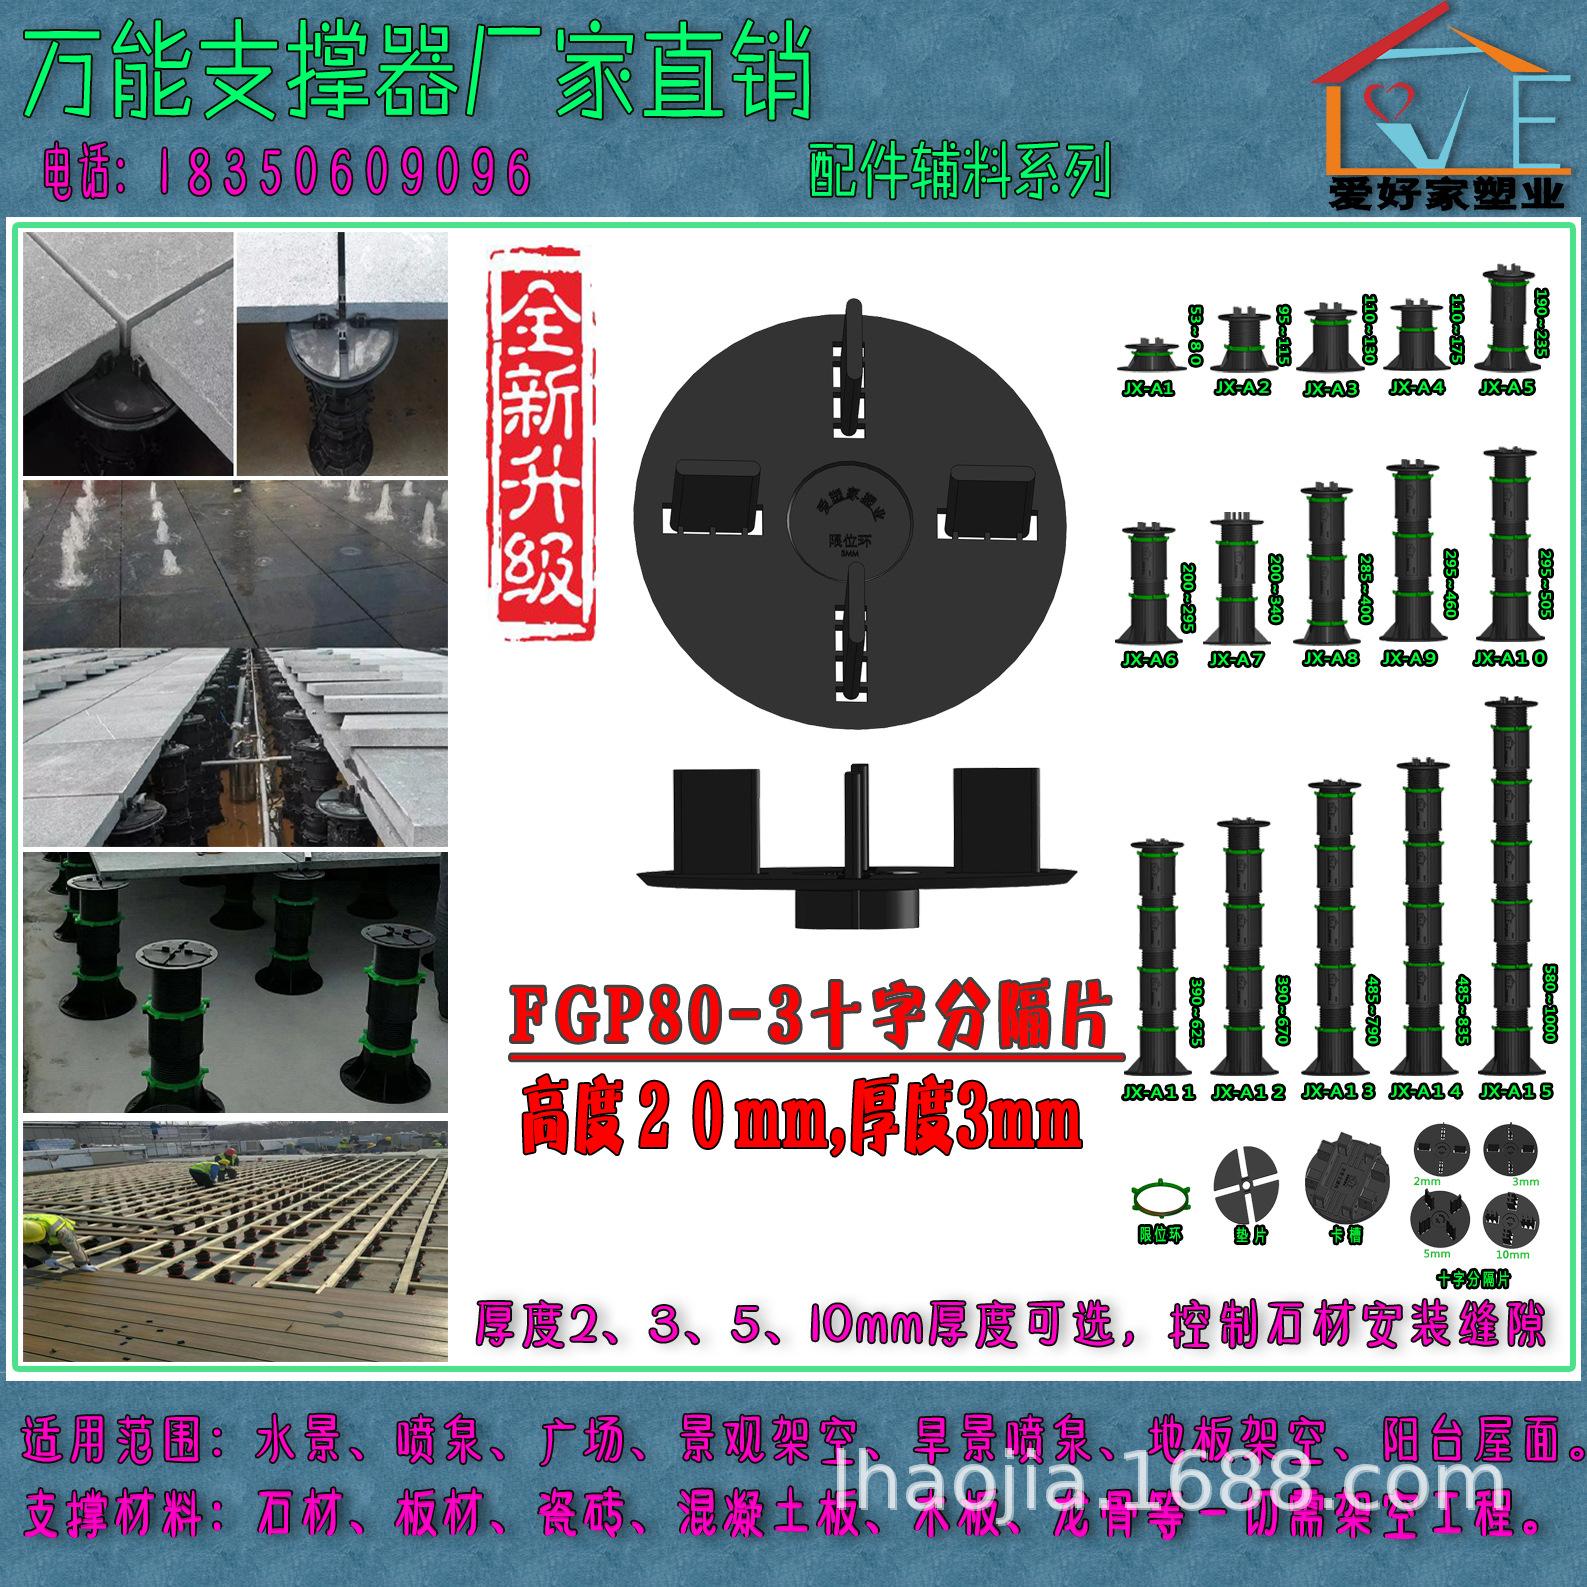 fgp80-3mm十字分隔片 萬能支撐器 配件 安裝 控制 縫隙 厚度3mm